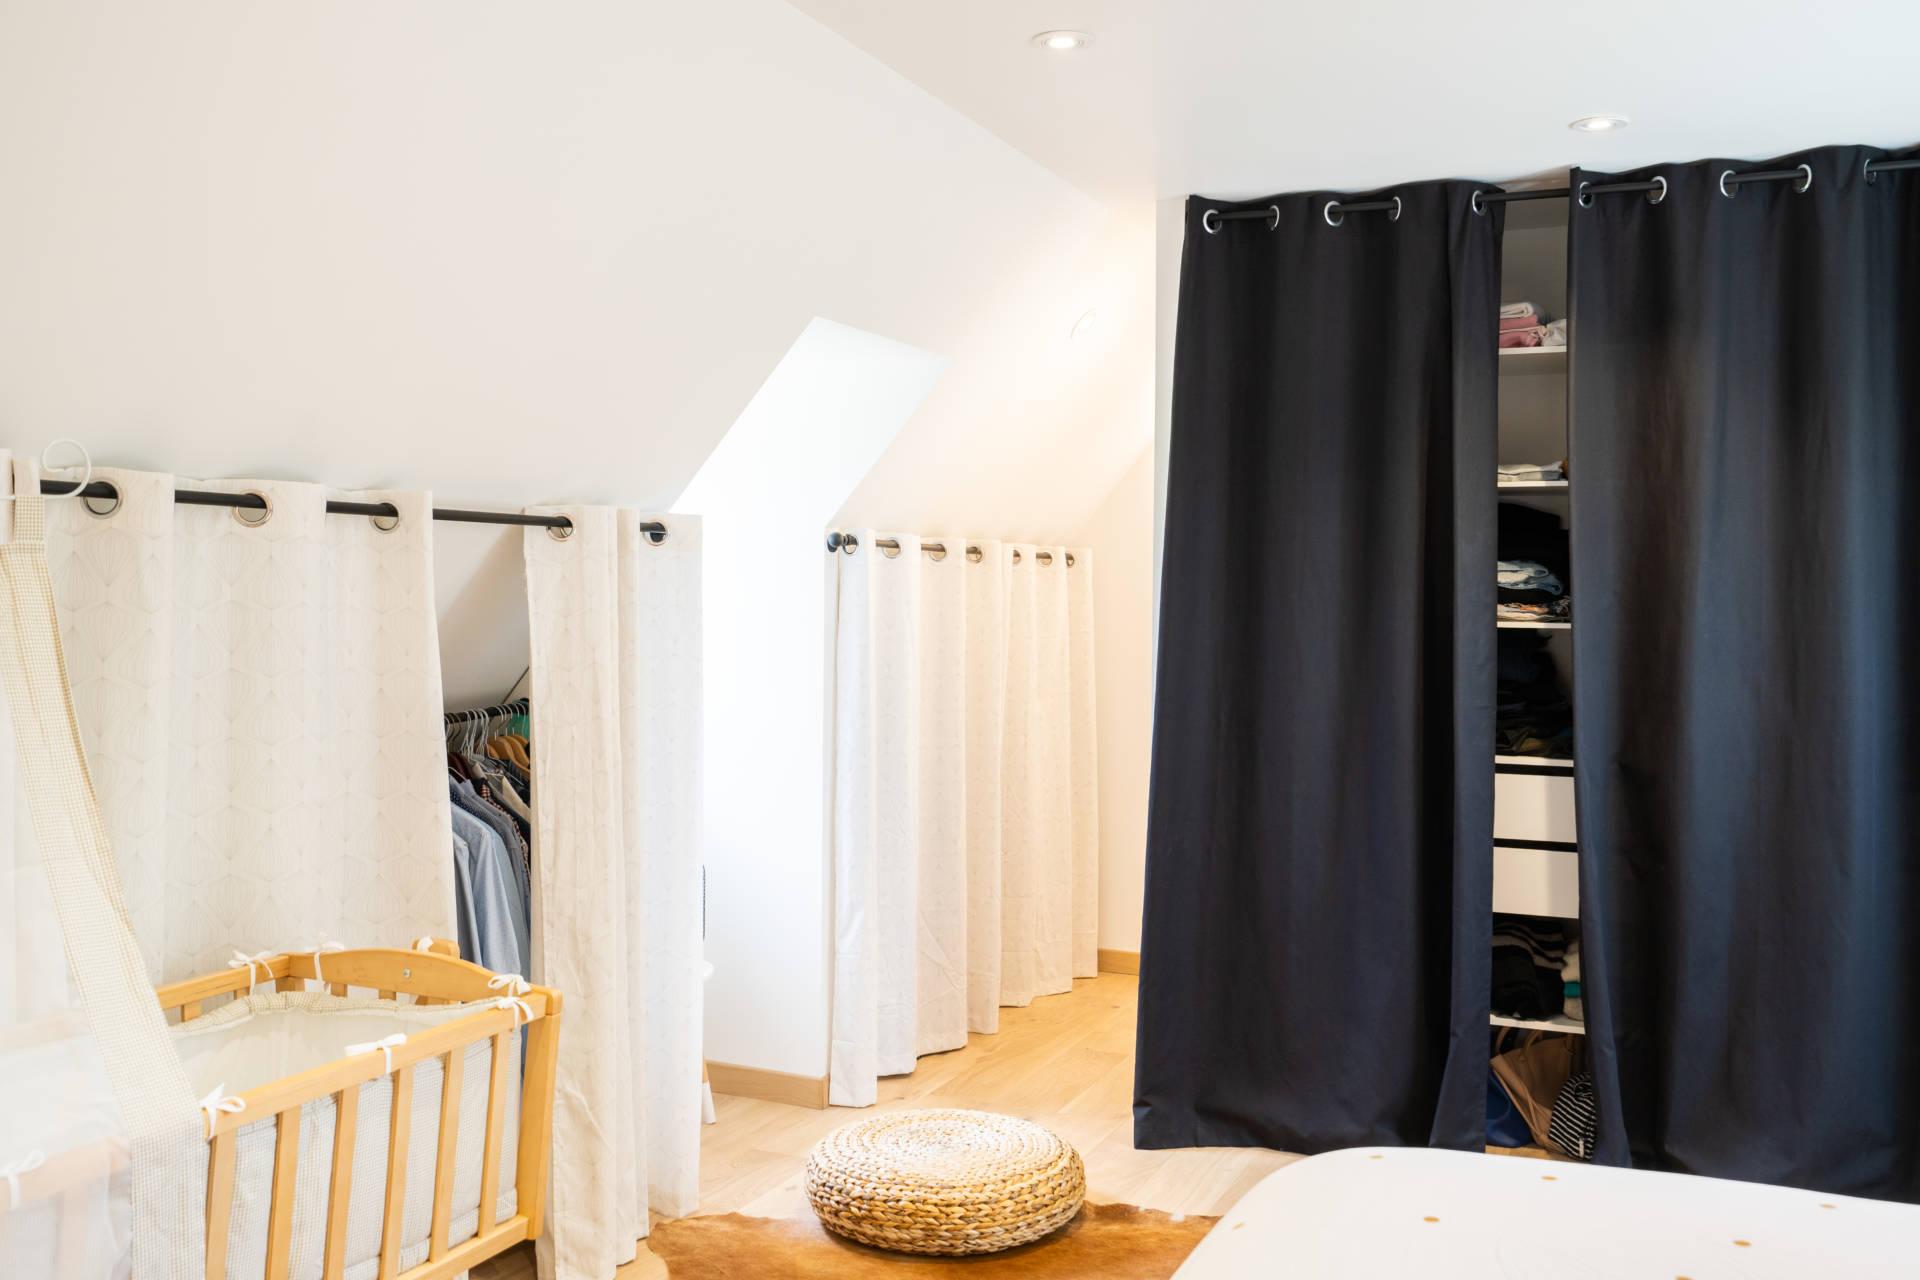 dressing suite parentale avec salle d'eau et verrière dans une longere rénovée à quimper architecte d'intérieur Bérénice alandi